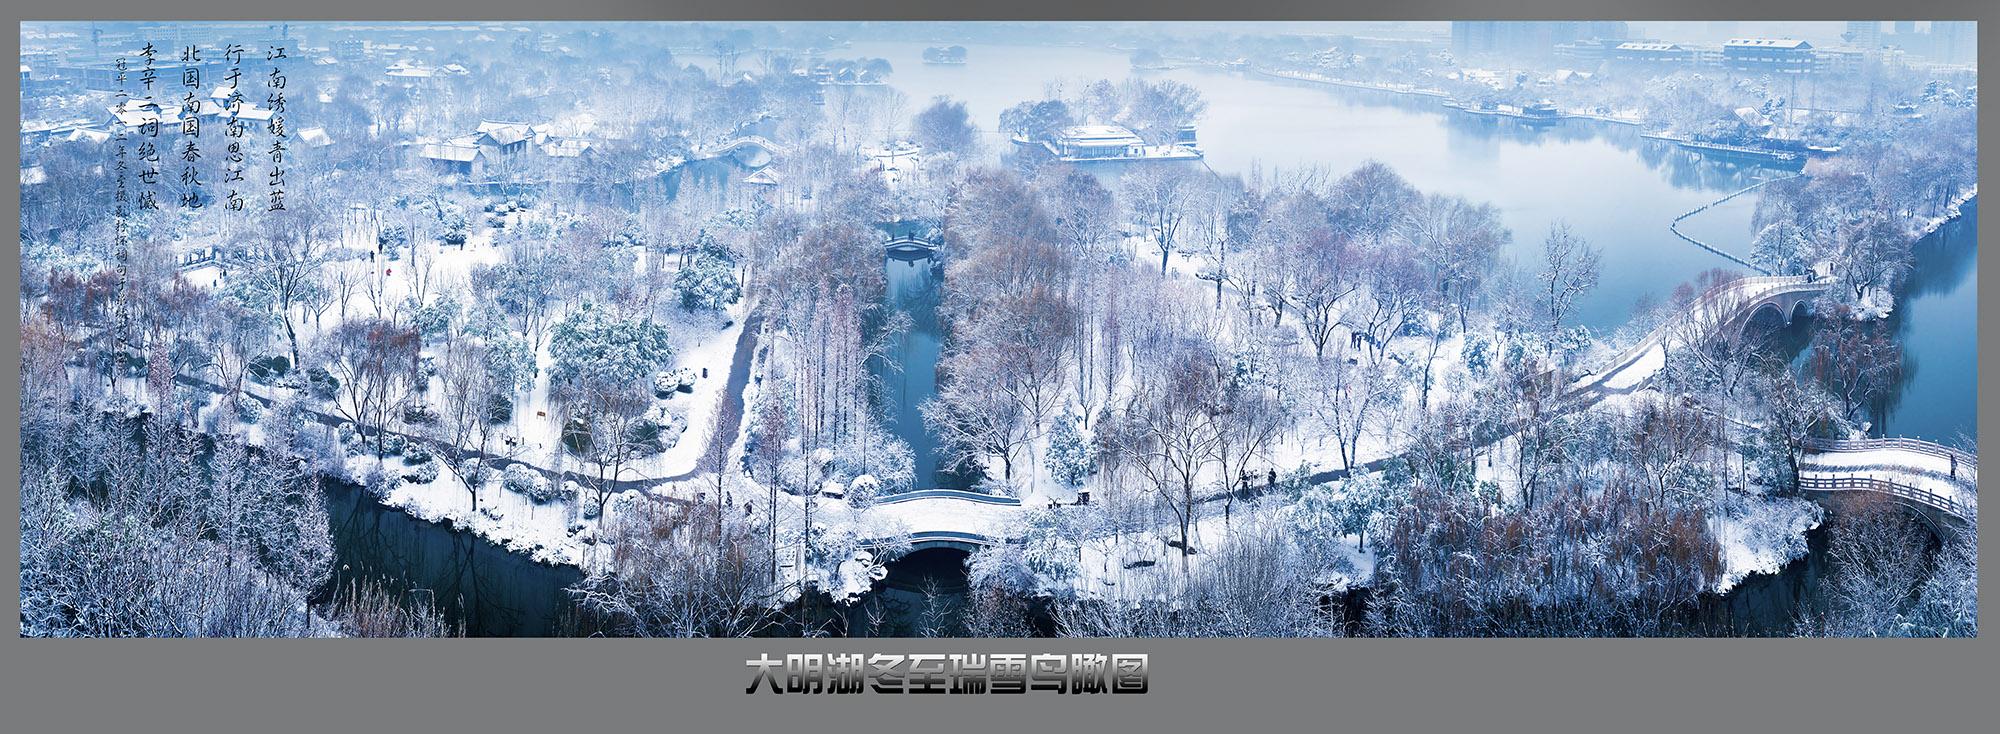 大明湖冬至瑞雪鸟瞰图.jpg